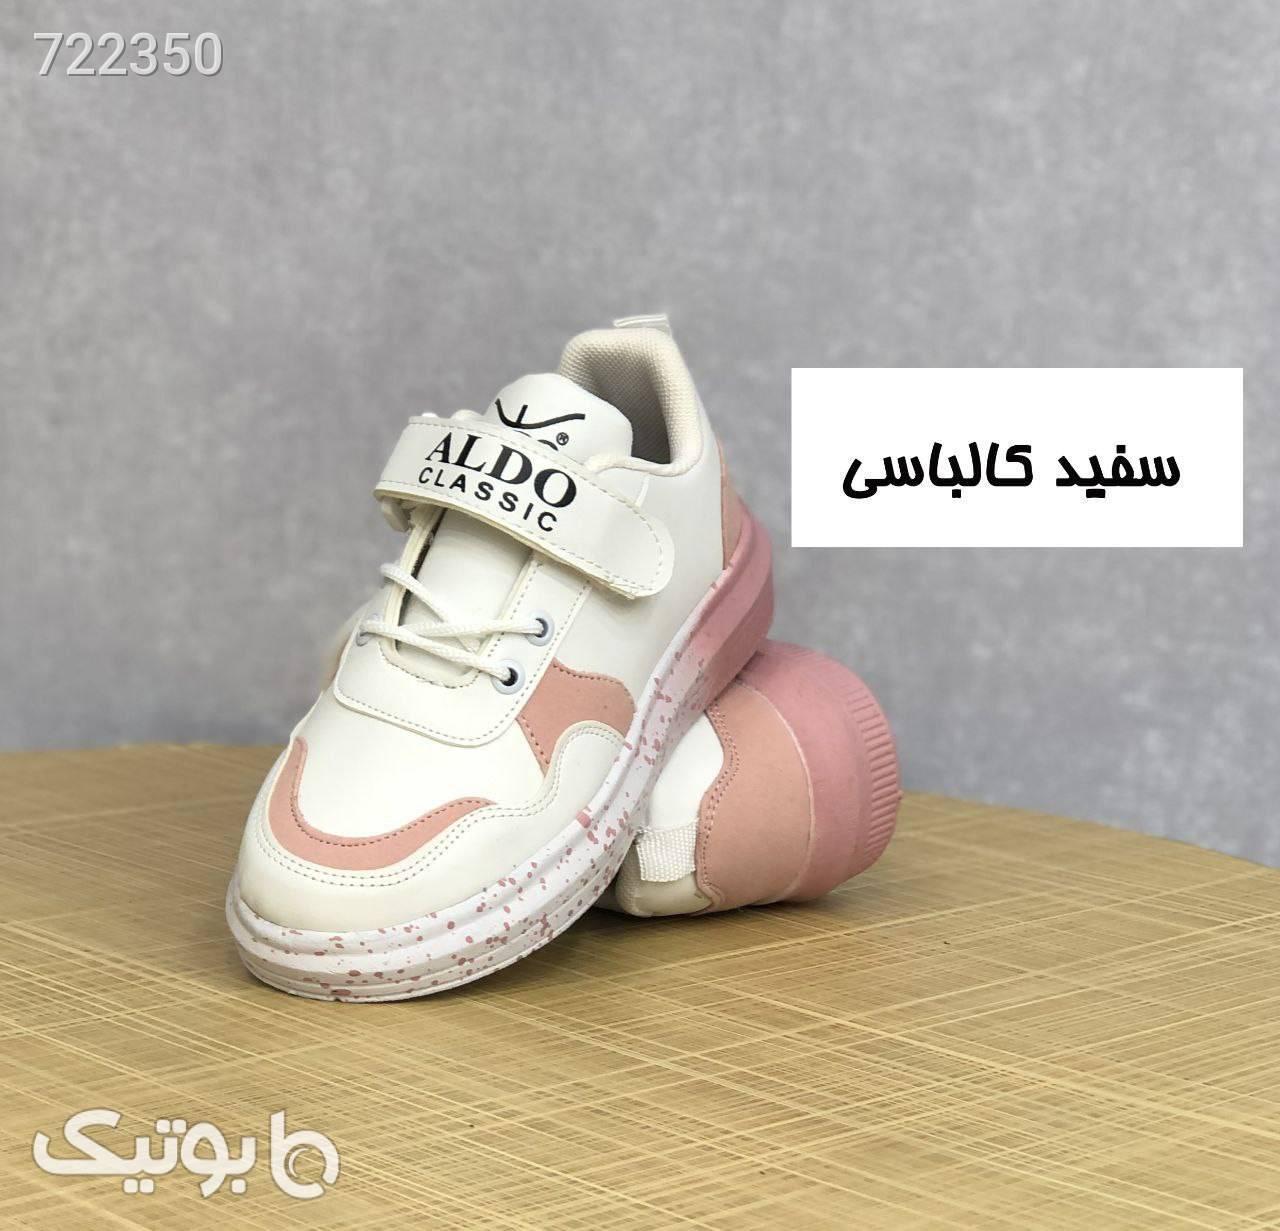 کتونی aldo مشکی کیف و کفش بچگانه